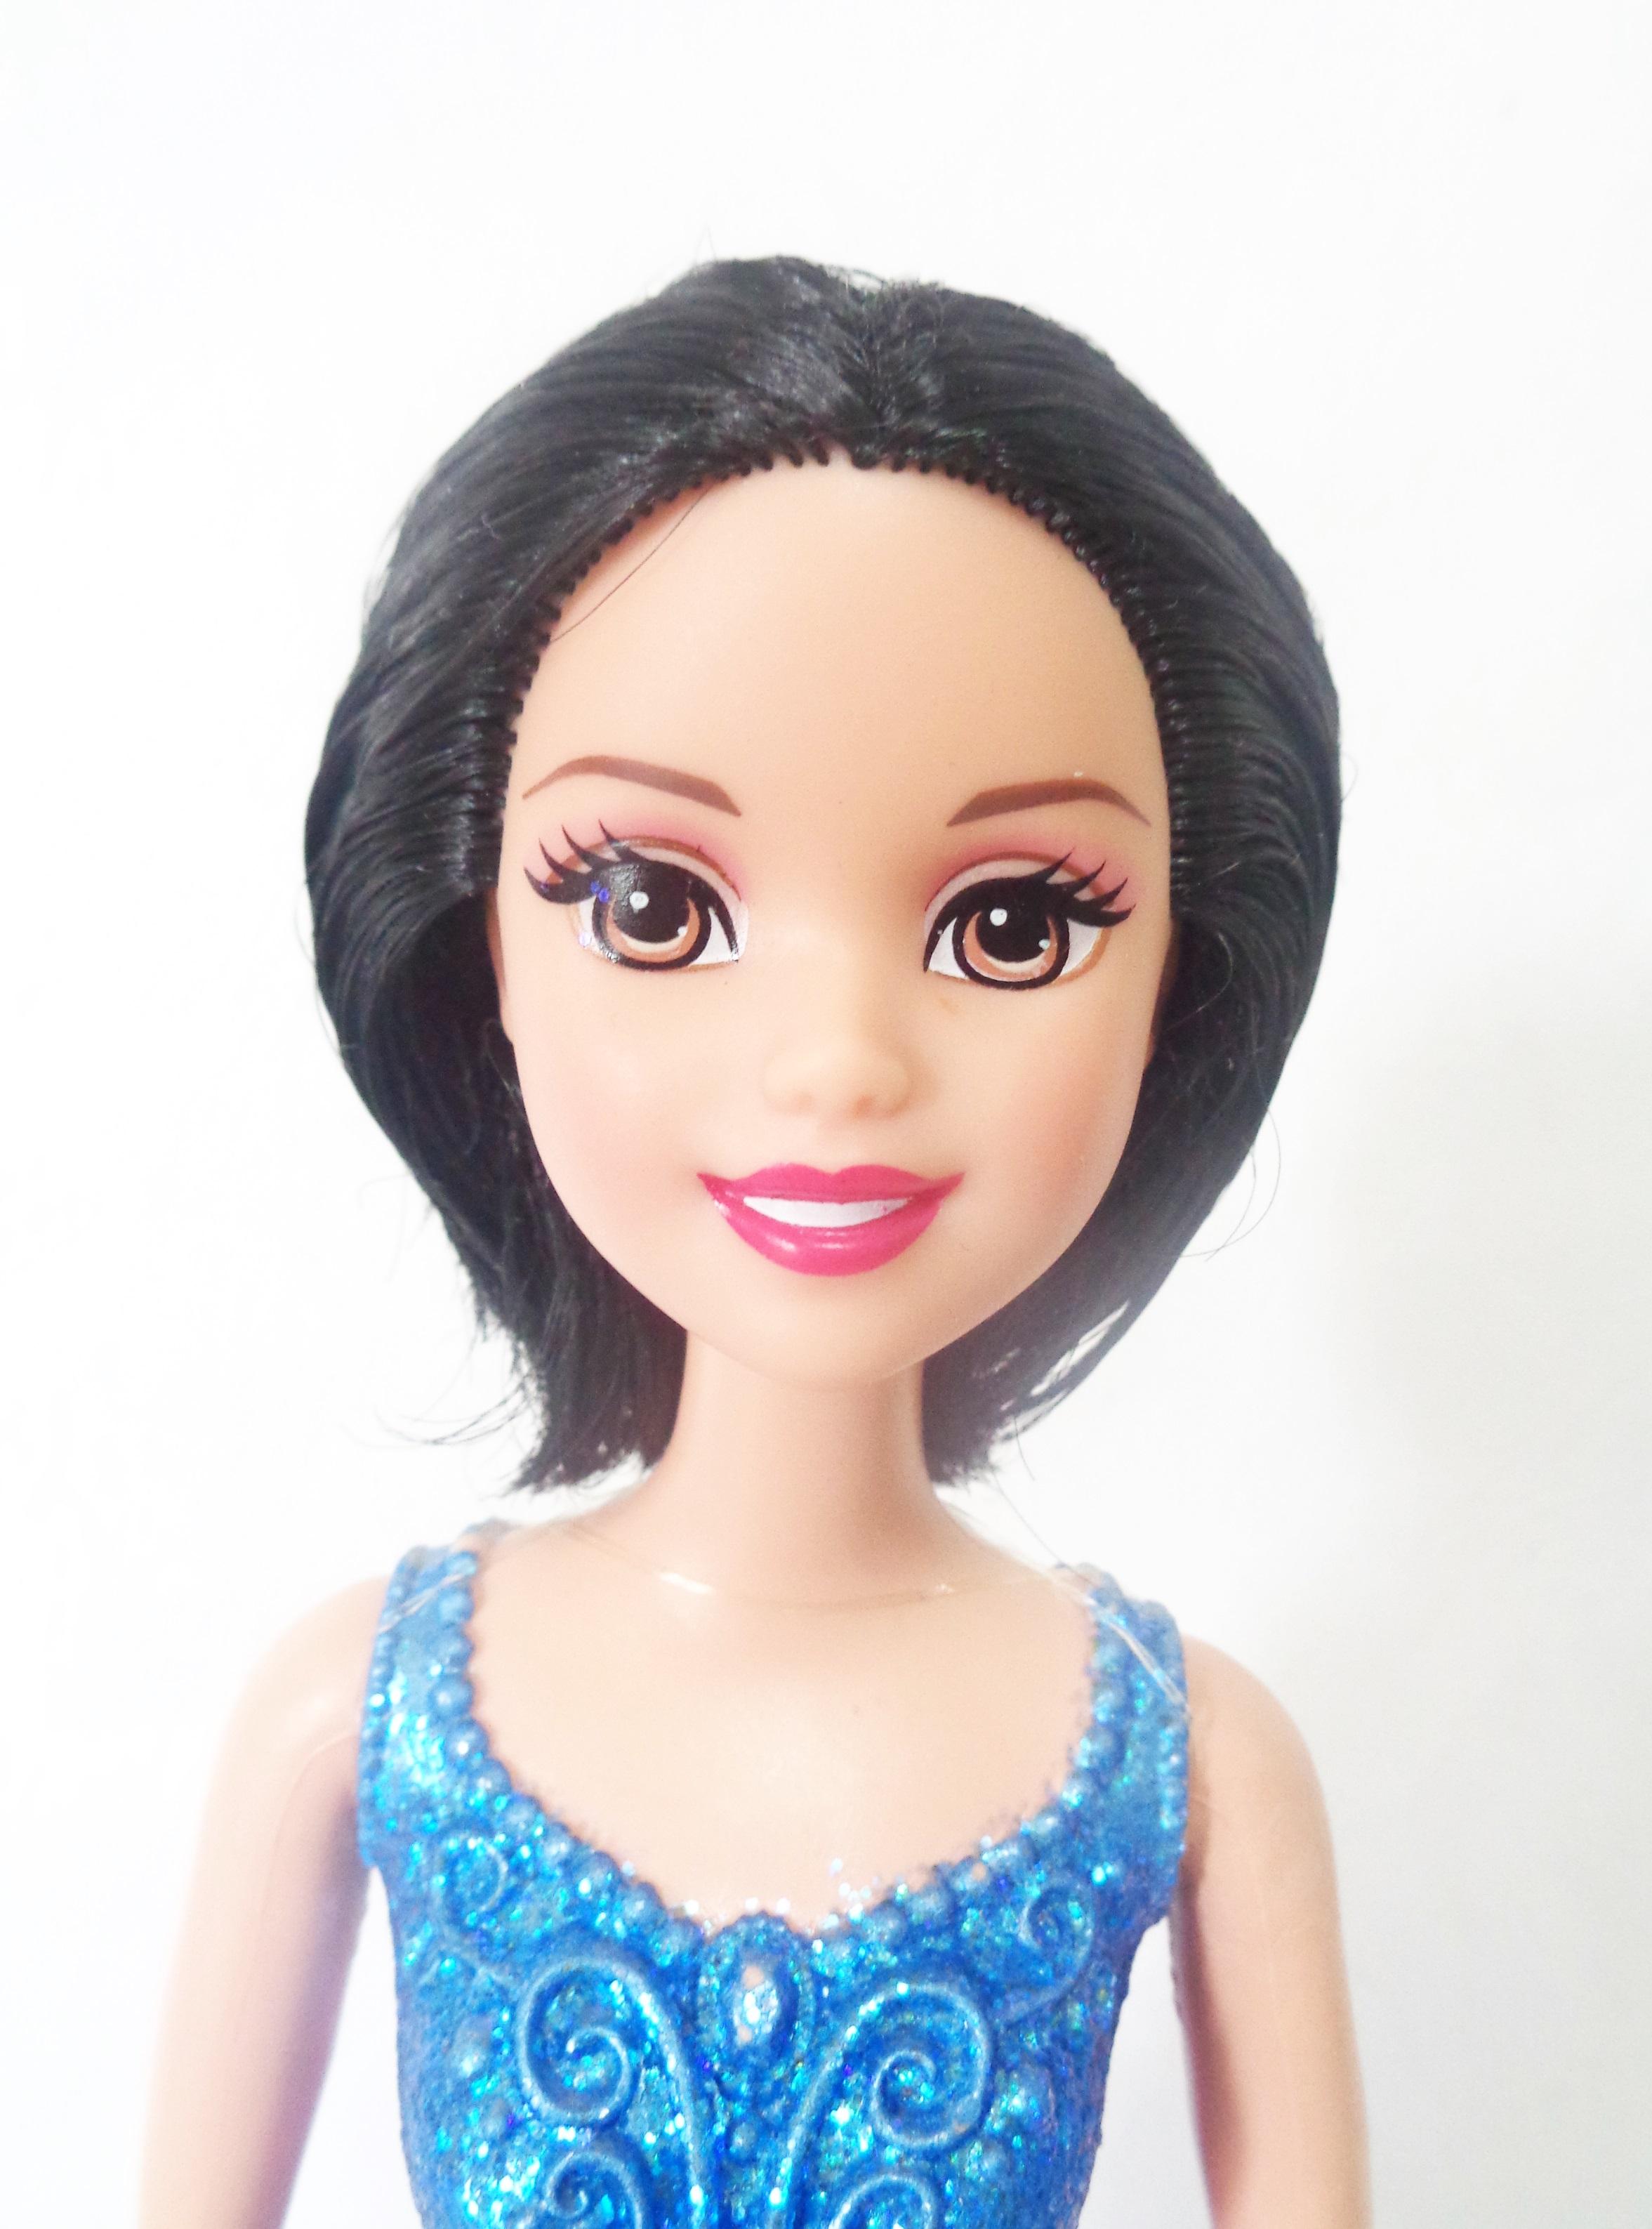 ตุ๊กตาเจ้าหญิง - Snow White ของ Disney